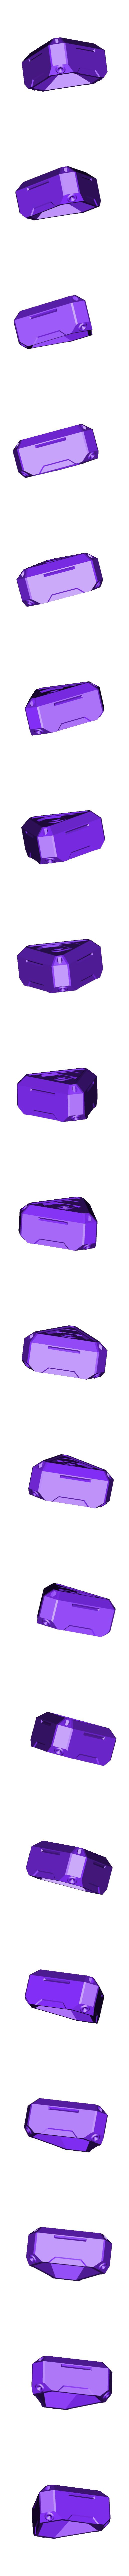 10.Breaching Pod.01.stl Download STL file Anubis • 3D print template, sergusy